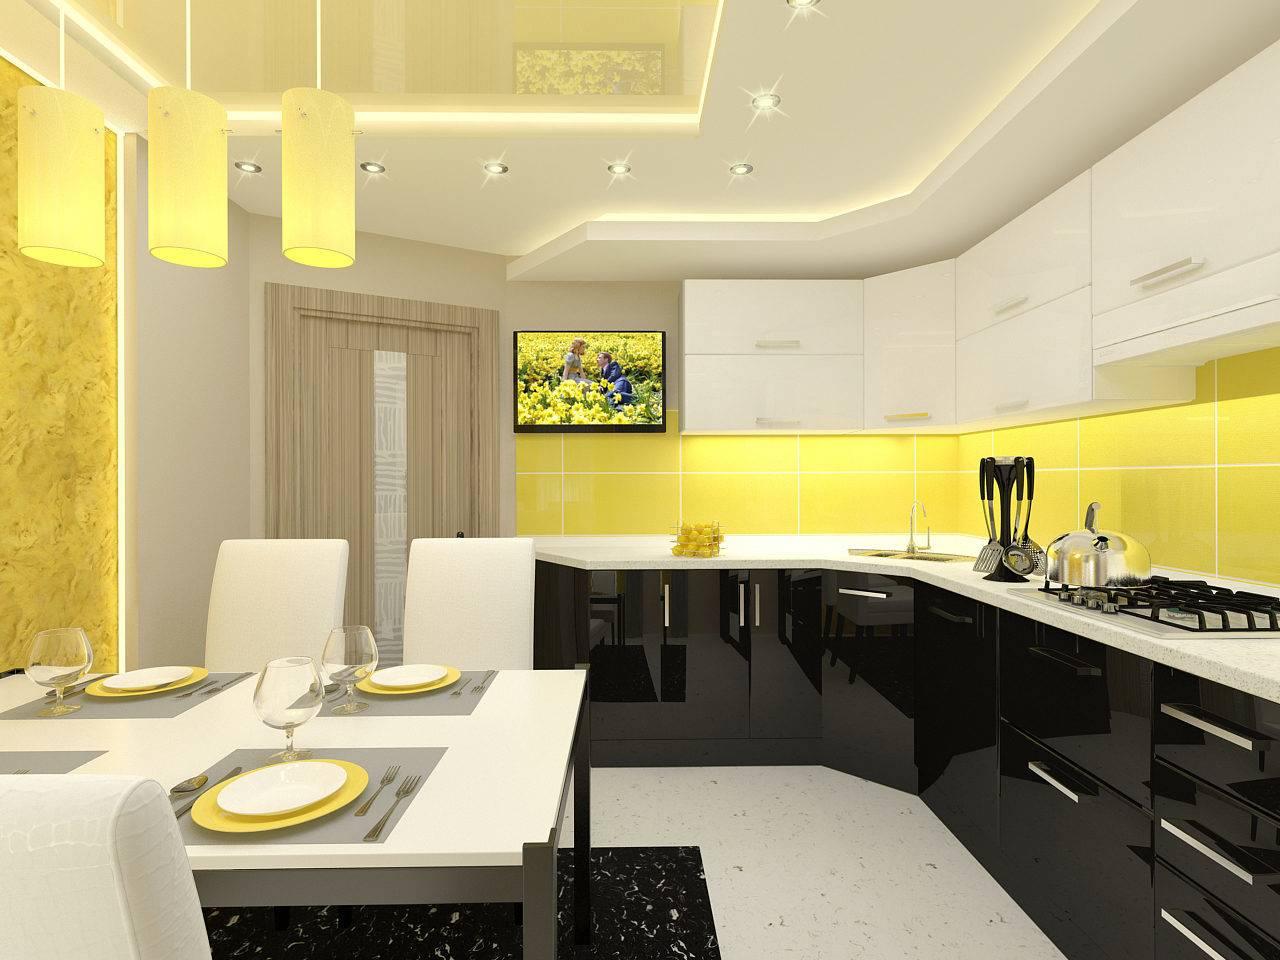 Высота верхних шкафов кухни: стандарты проектов икеа и леруа мерлен